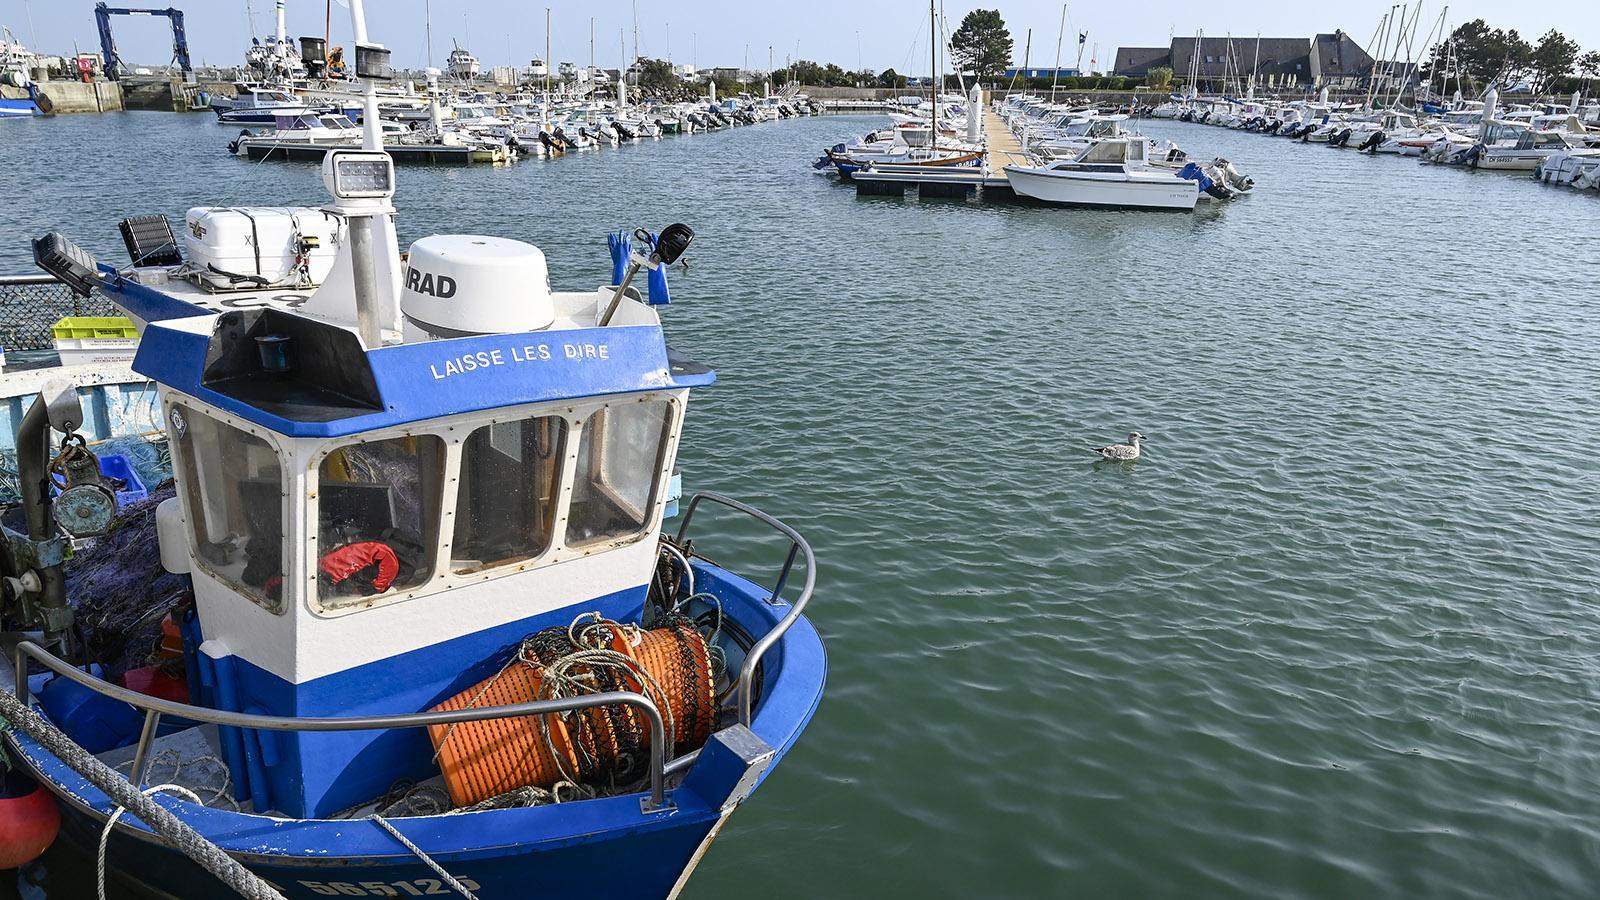 Laisse les dire, lass sie nur reden… so heißt dieses Fischerboot. Foto: Hilke Maunder